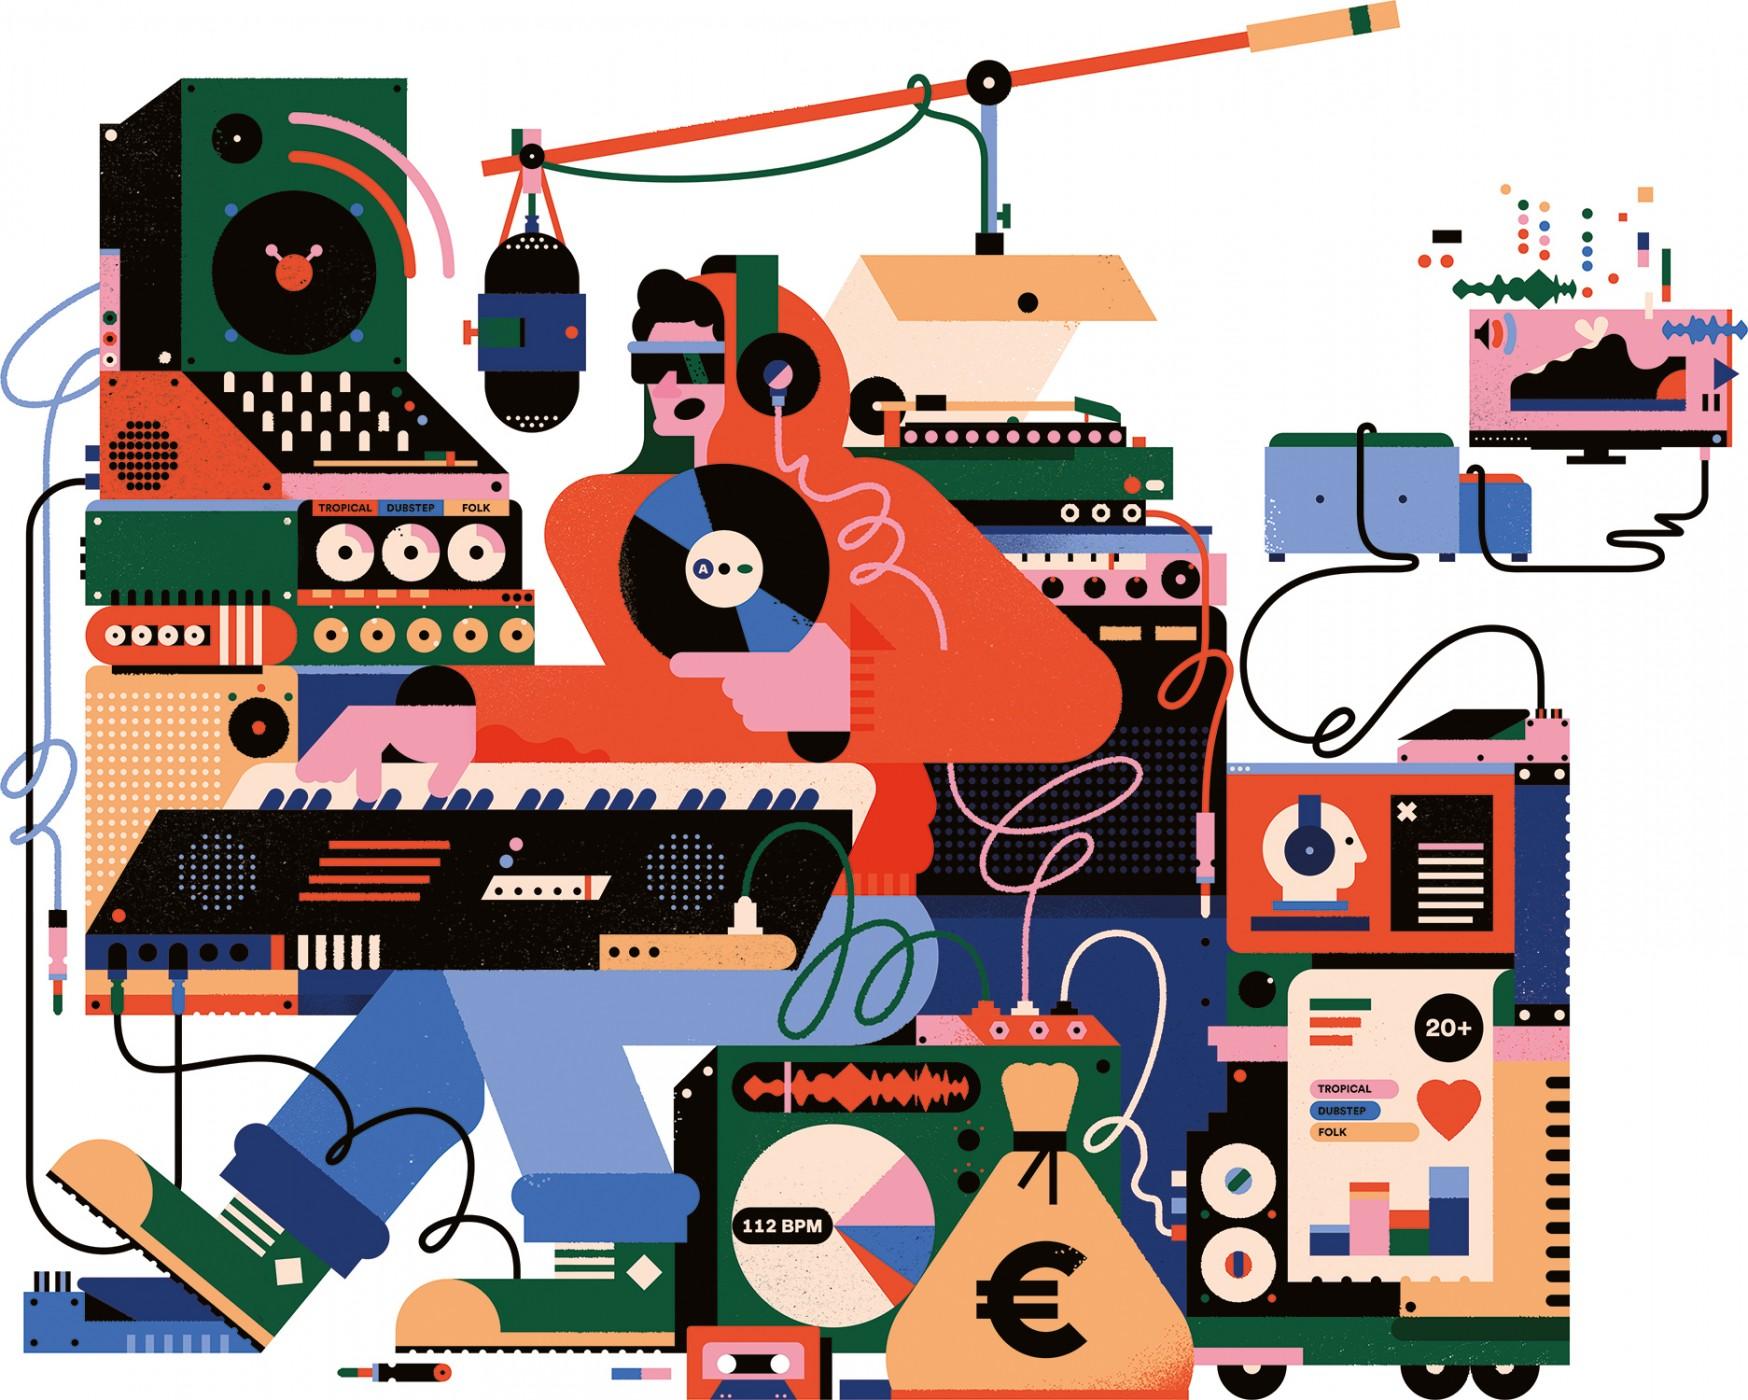 Bratislav-Milenkovic_GQ-Music-Industry